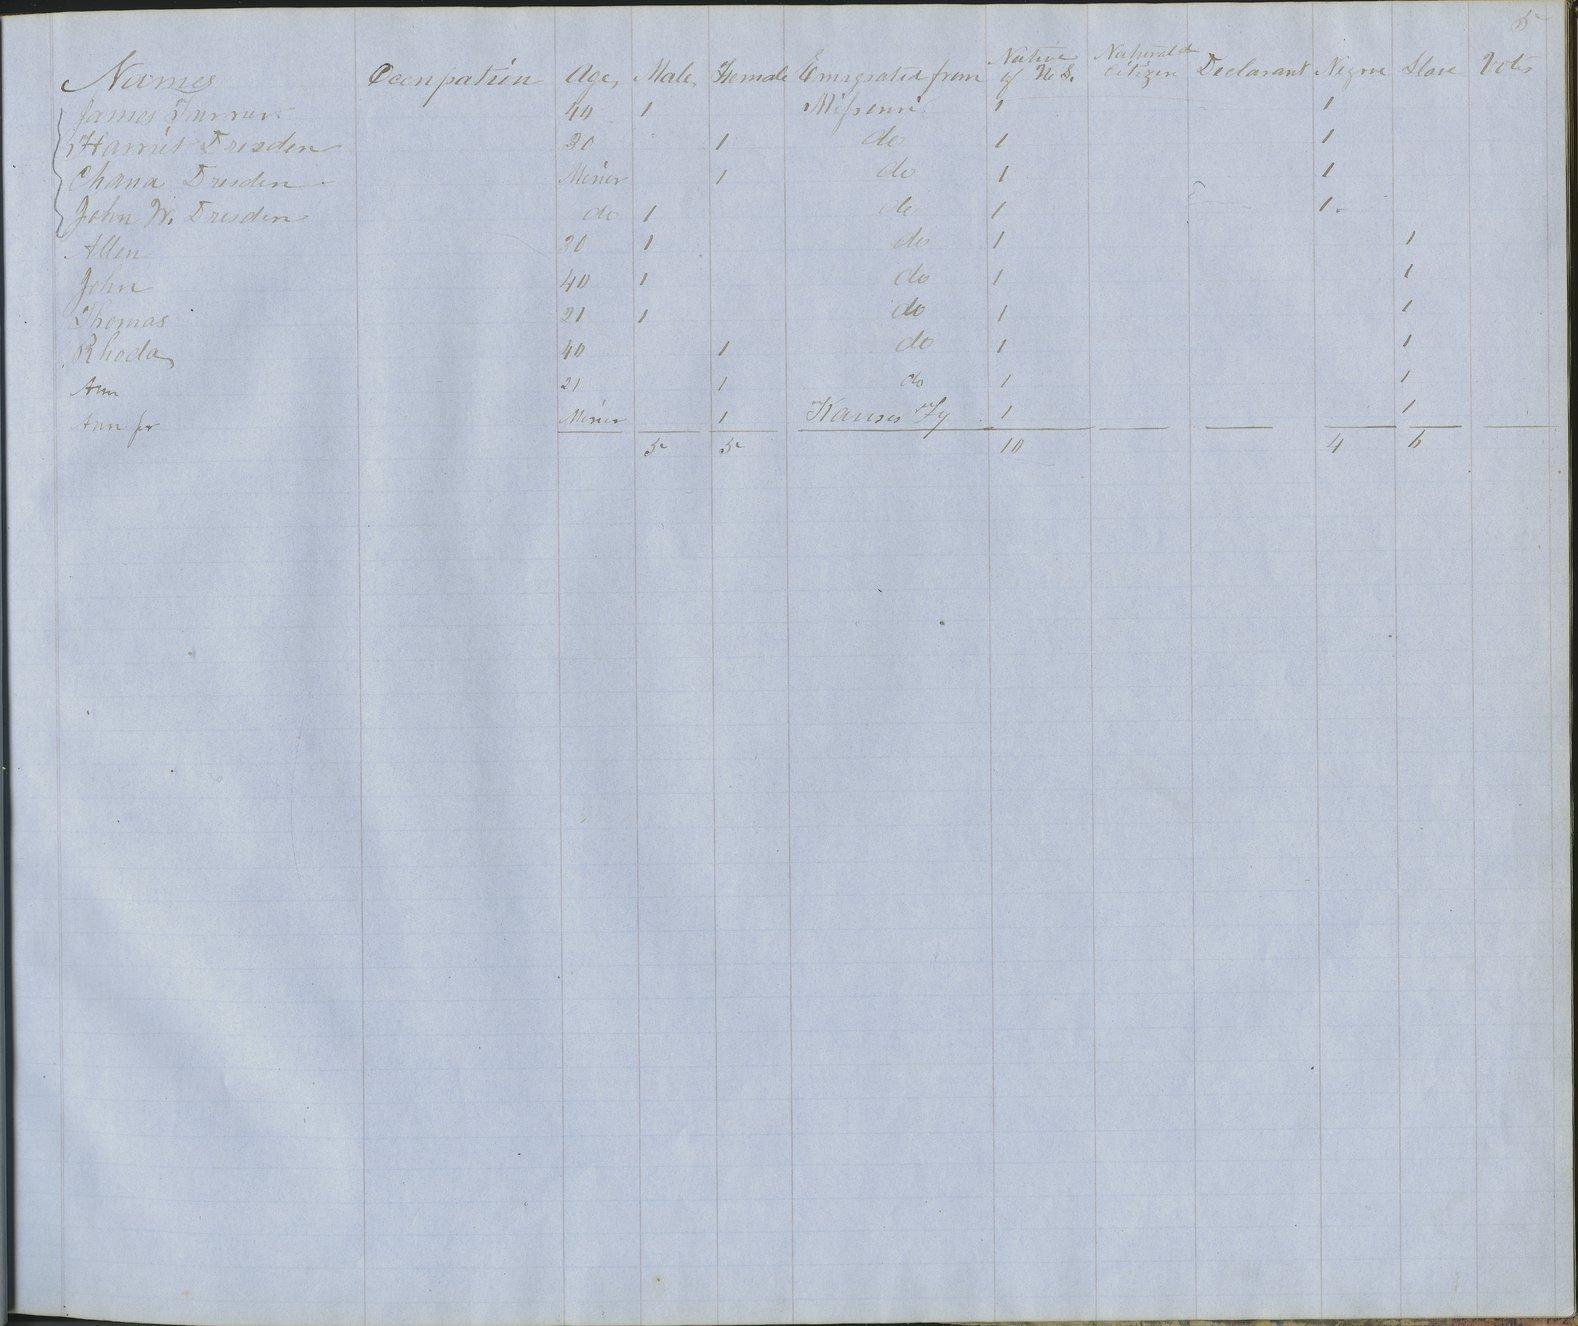 Kansas territorial census, 1855. District 17 - p. 7